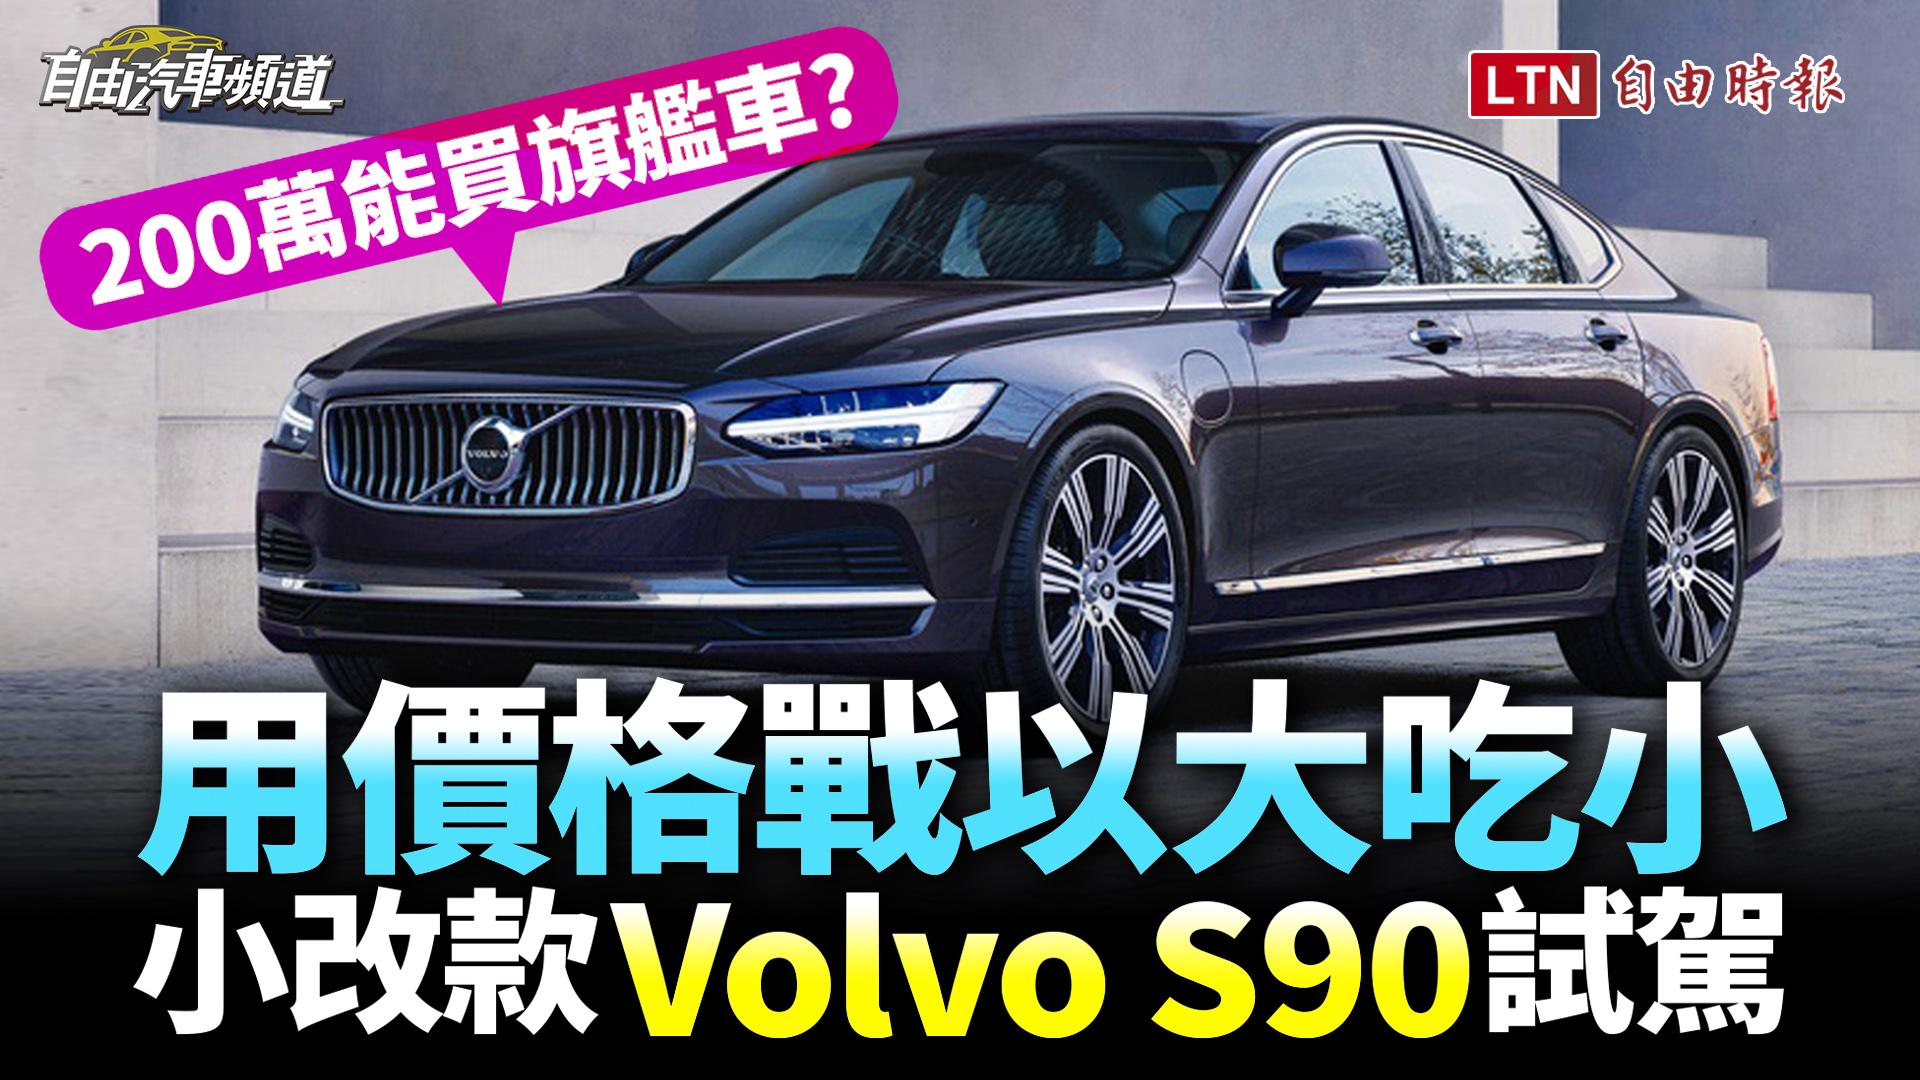 200萬能買旗艦車?用價格戰以大吃小!小改款Volvo S90試駕